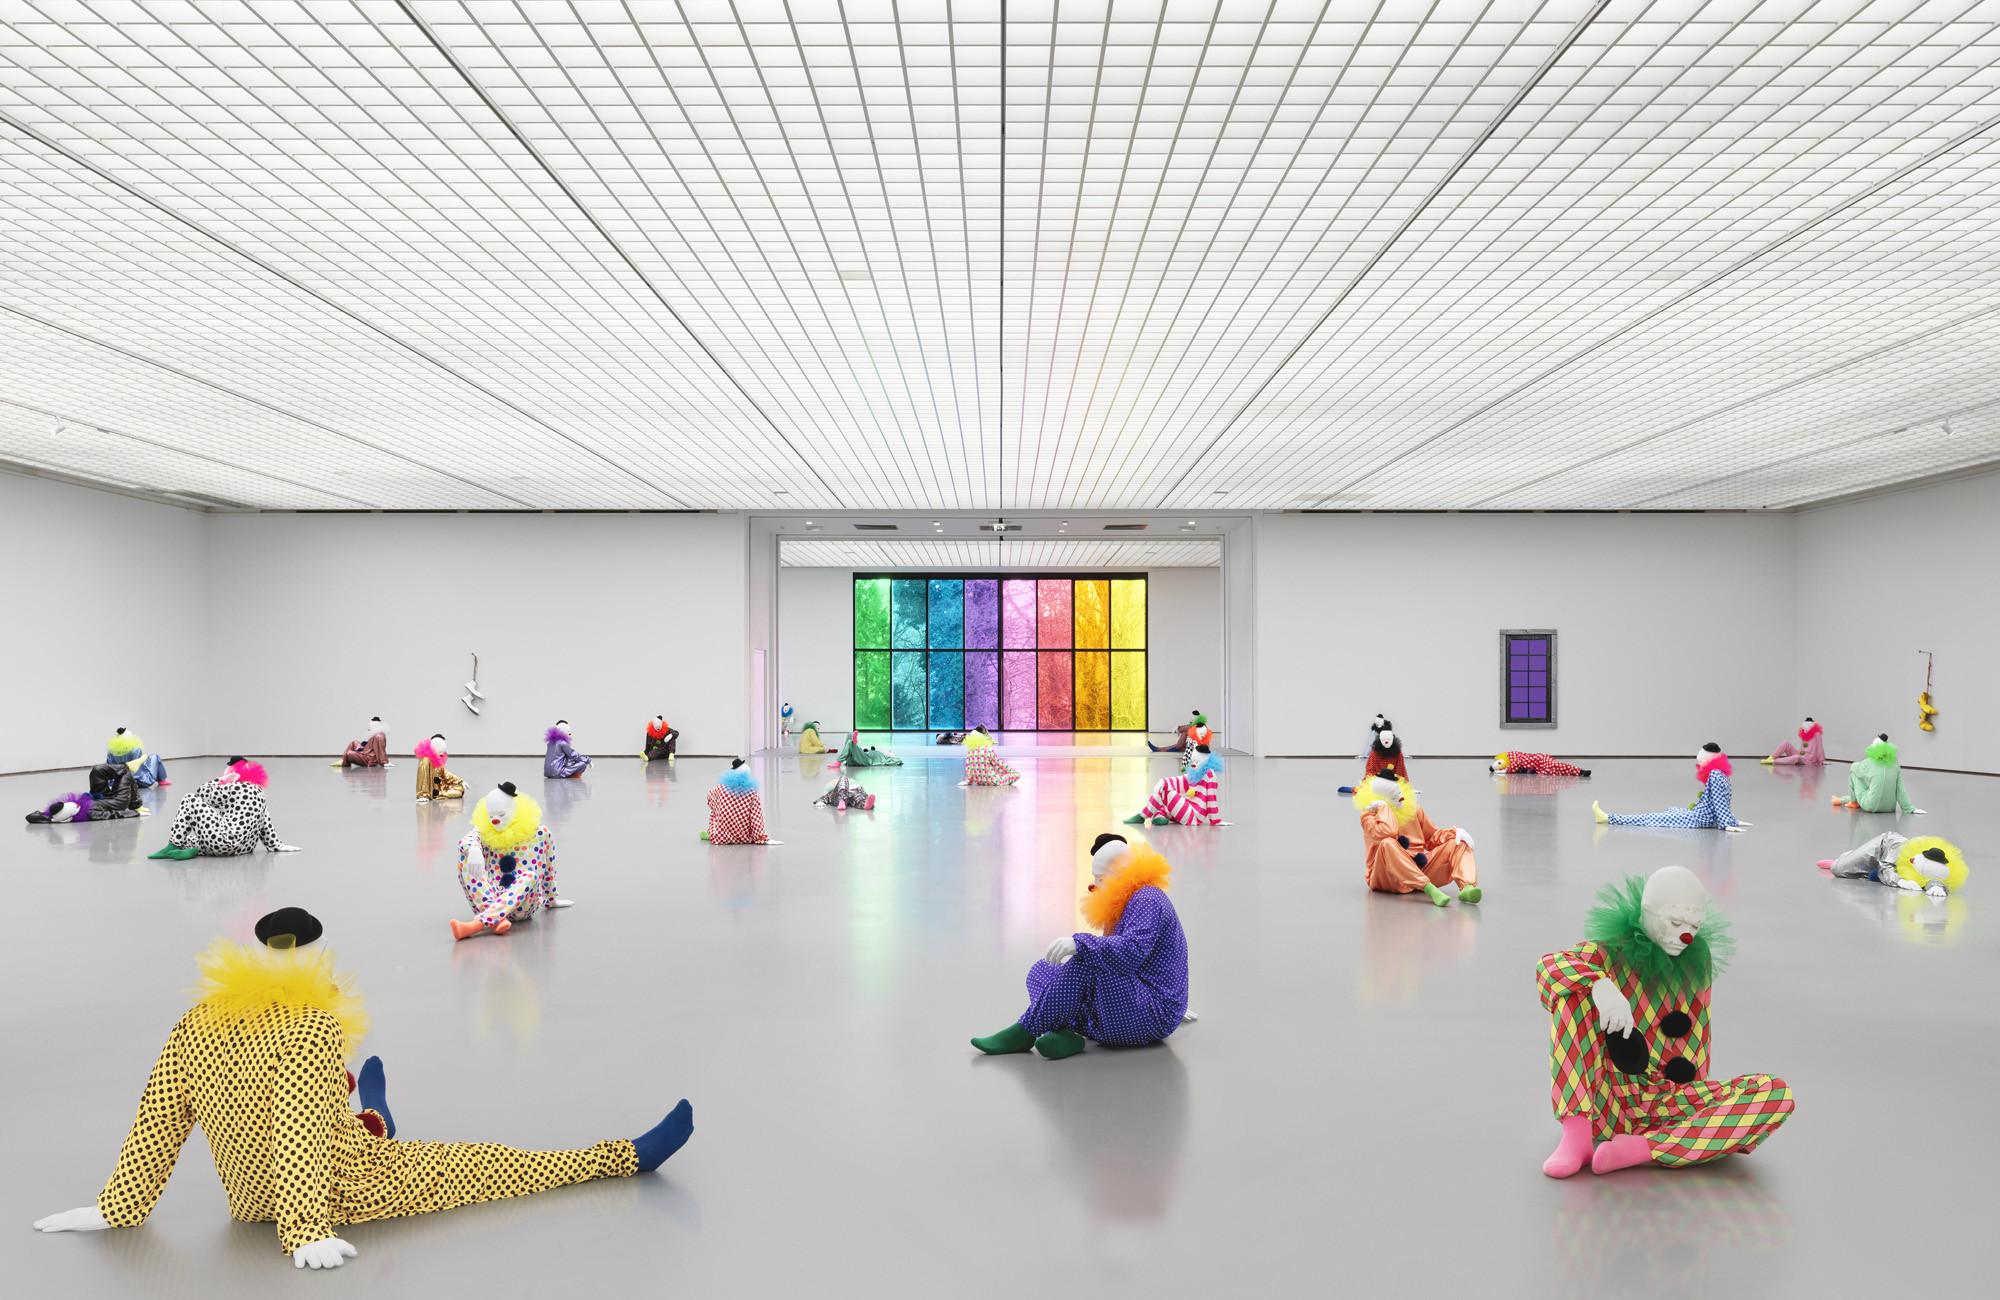 <p>Installation view, <em>Vocabulary of Solitude</em>, Boijmans Museum, Rotterdam,13 February - 29 May 2016</p><p>Photo: Stefan Altenburg</p>